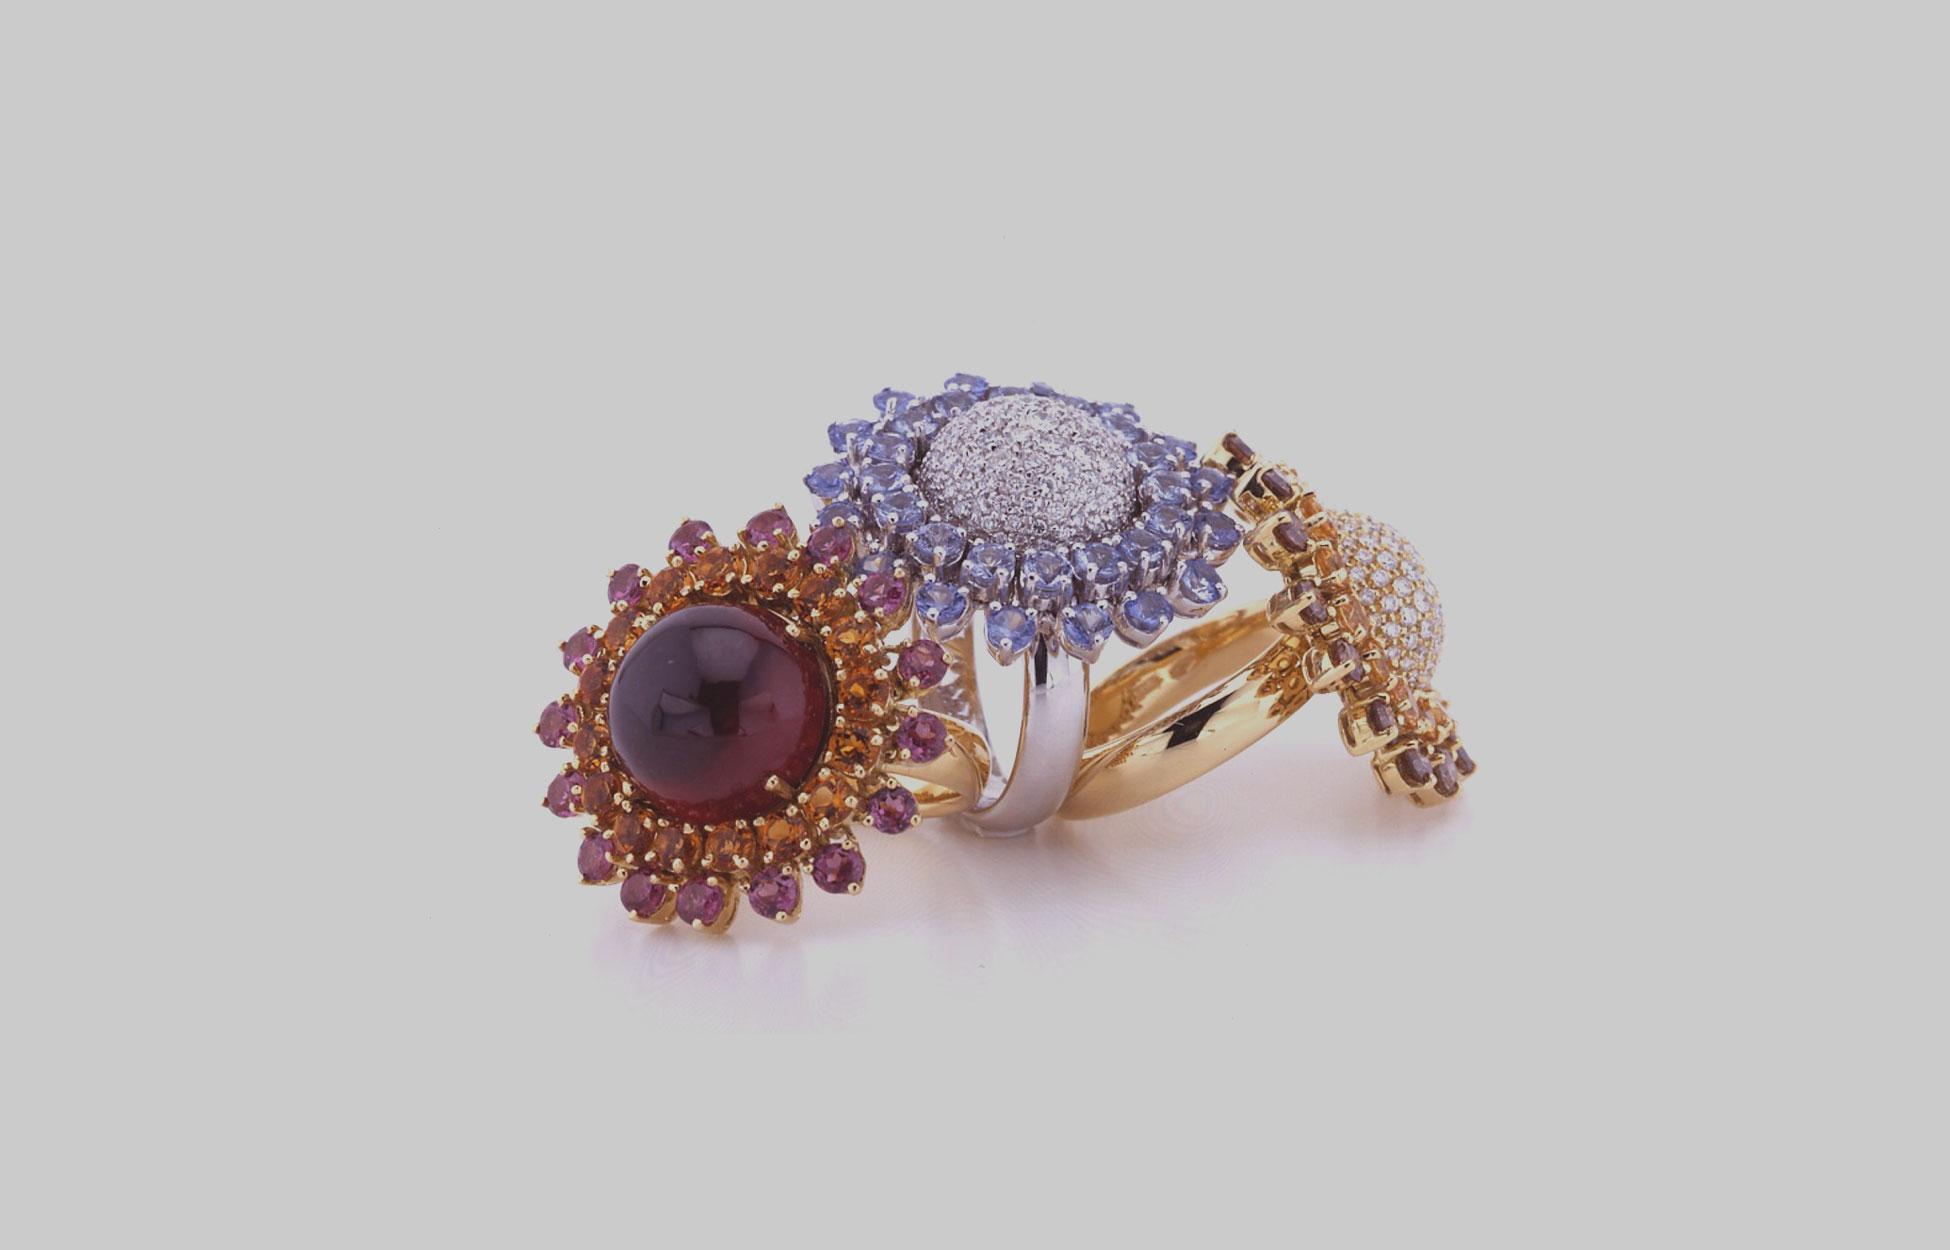 il-marchese-diamonds-diamanti-qualita-gioielli-collane-anelli-pendenti-fidanzamento-matrimonio-collezioni-86